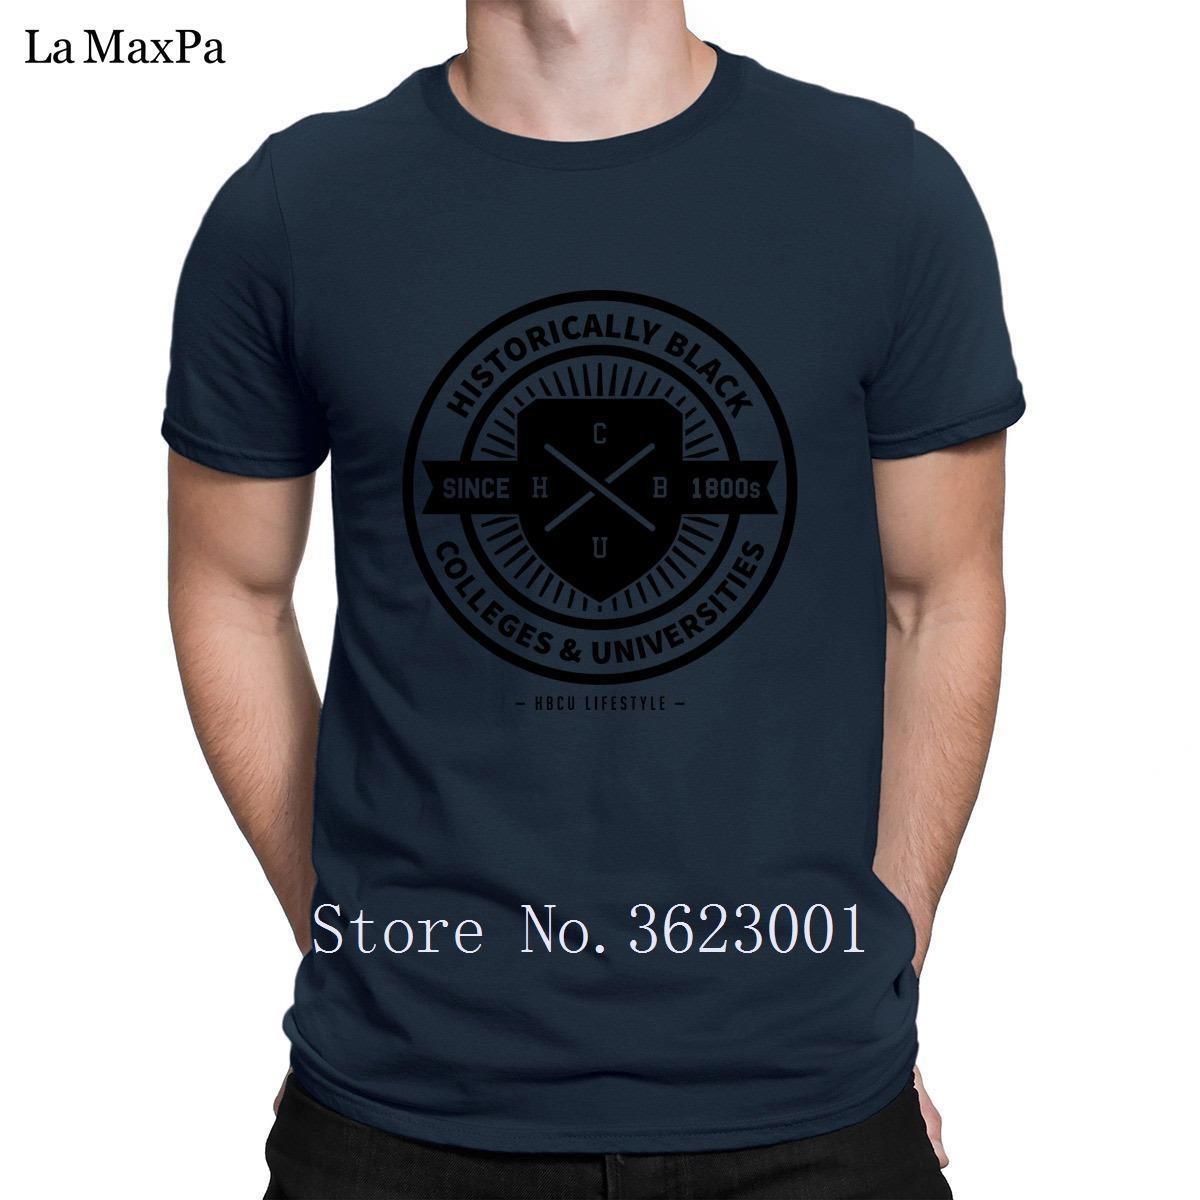 Строительство Высокого Mens исторически черной Одежда мужской майки фанков футболки для мужчин вокруг шеи Горячих продаж